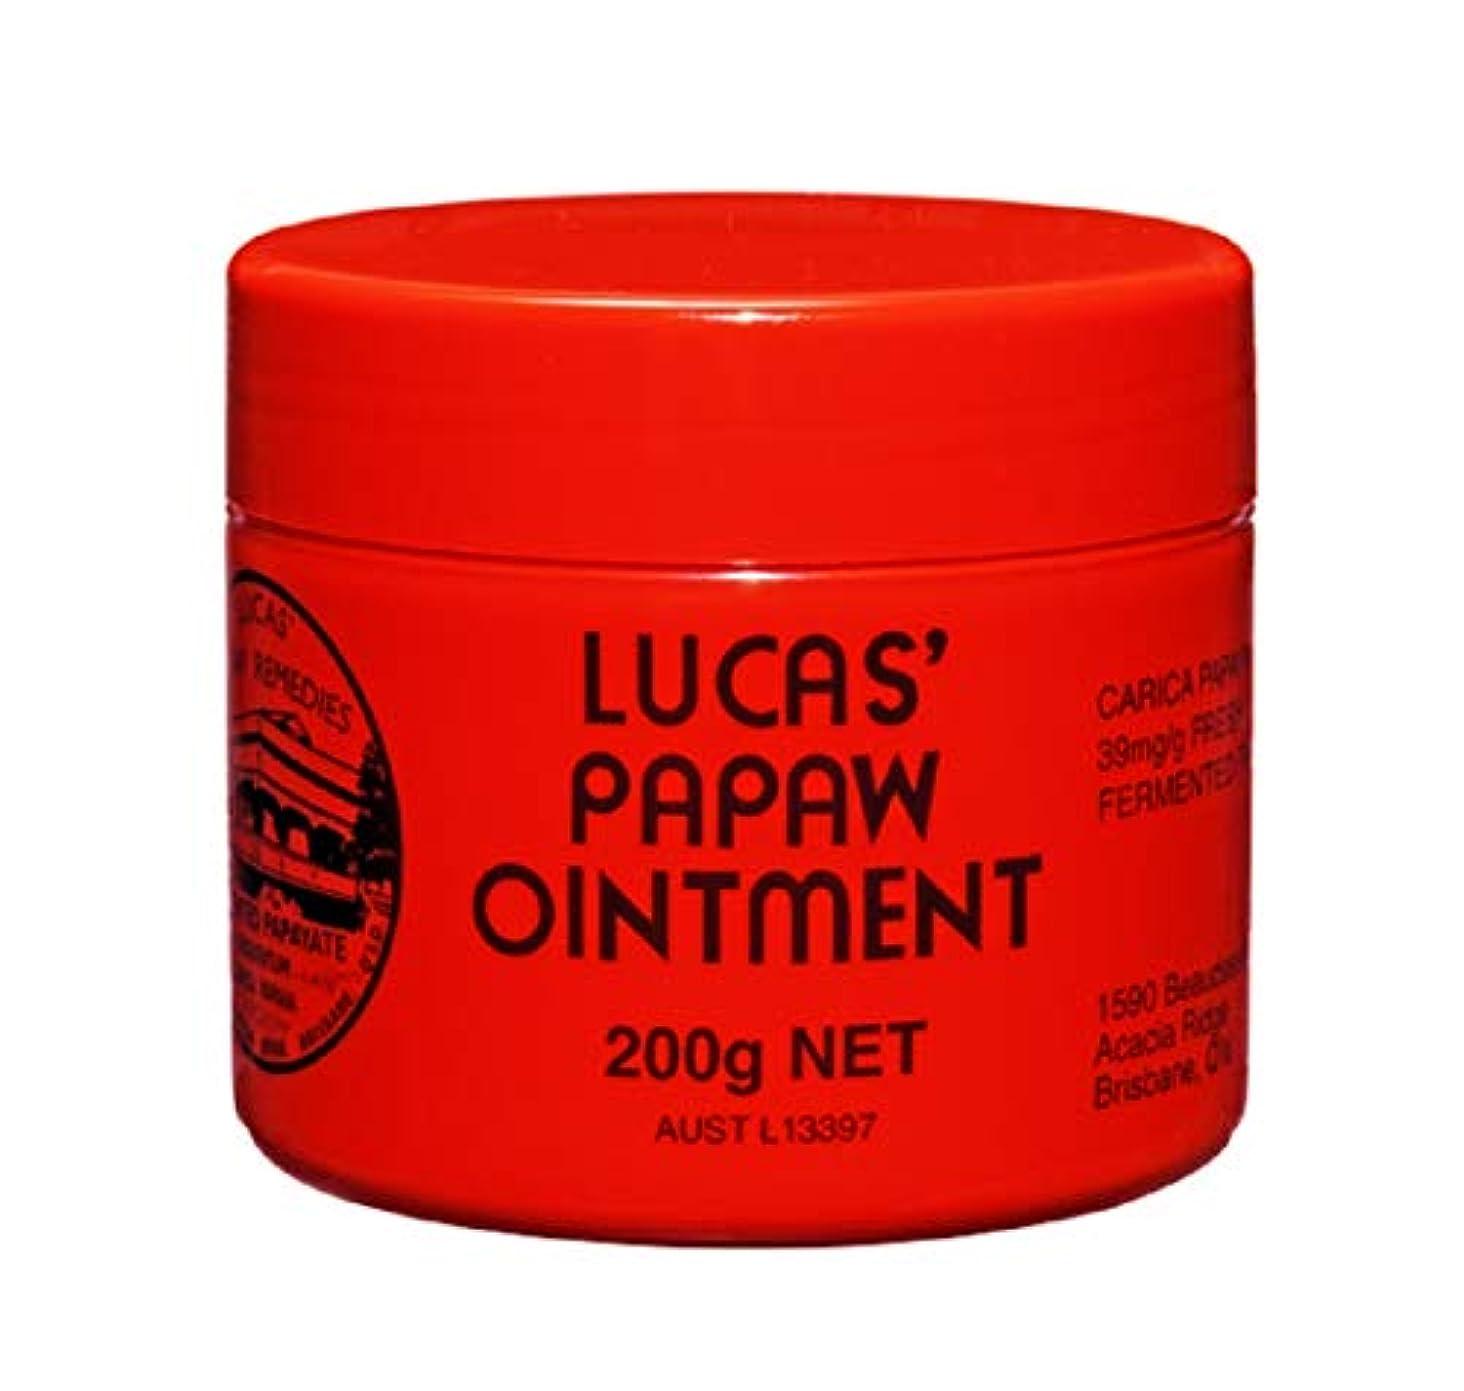 仕方デザート眩惑する[Lucas' Papaw Ointment] ルーカスポーポークリーム 200g